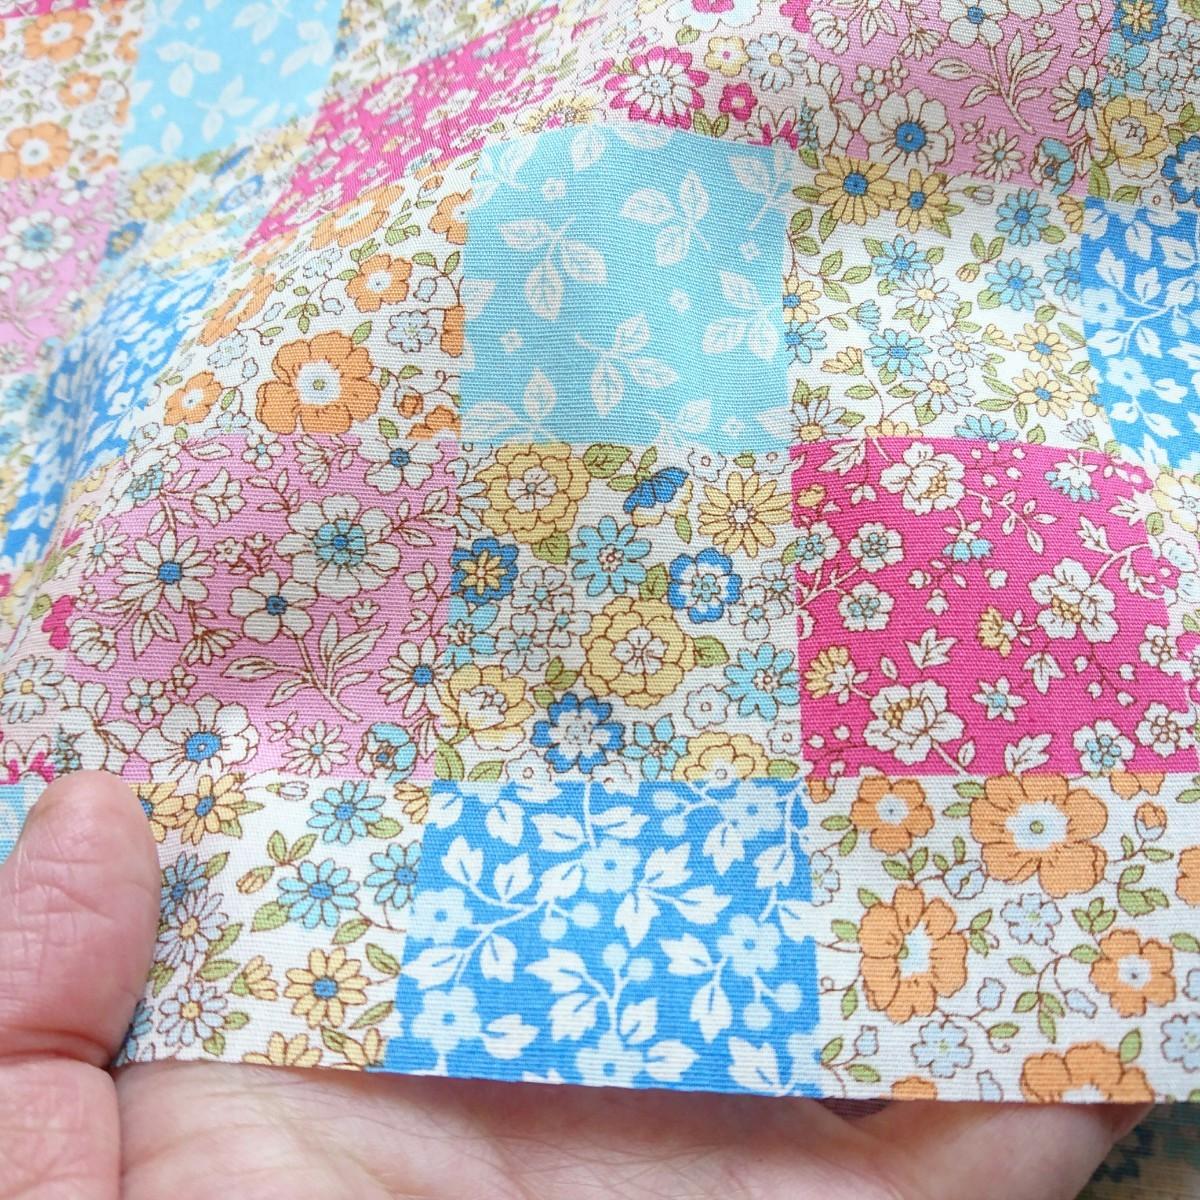 はぎれ生地(60) 約25㎝×110㎝ 綿 ピンクブルー パッチワーク柄 花模様 美品